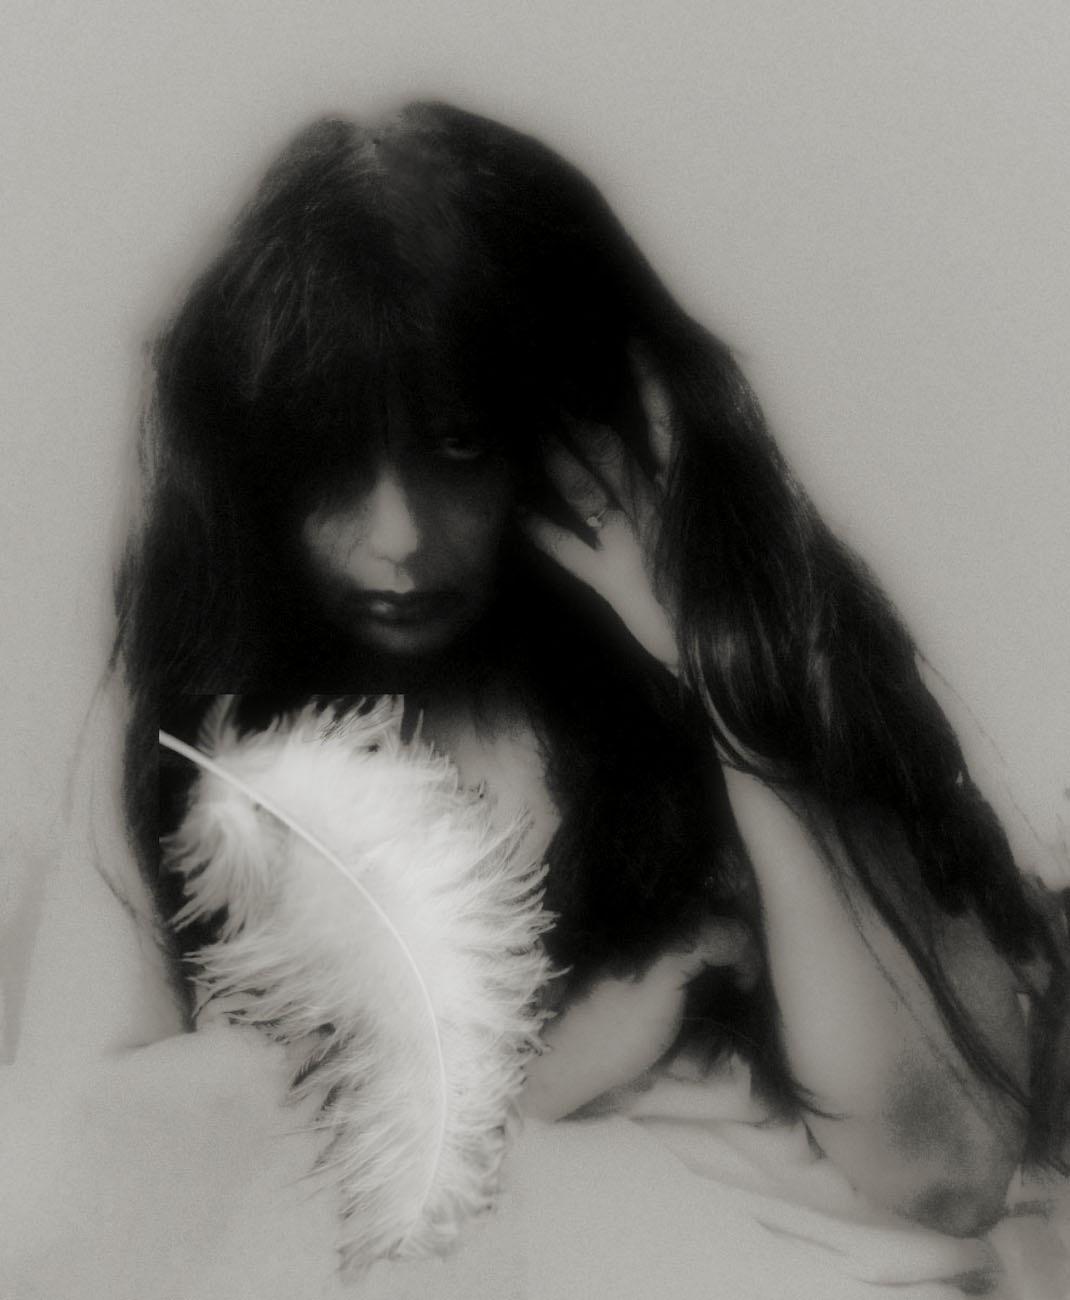 sobre los angeles by umael